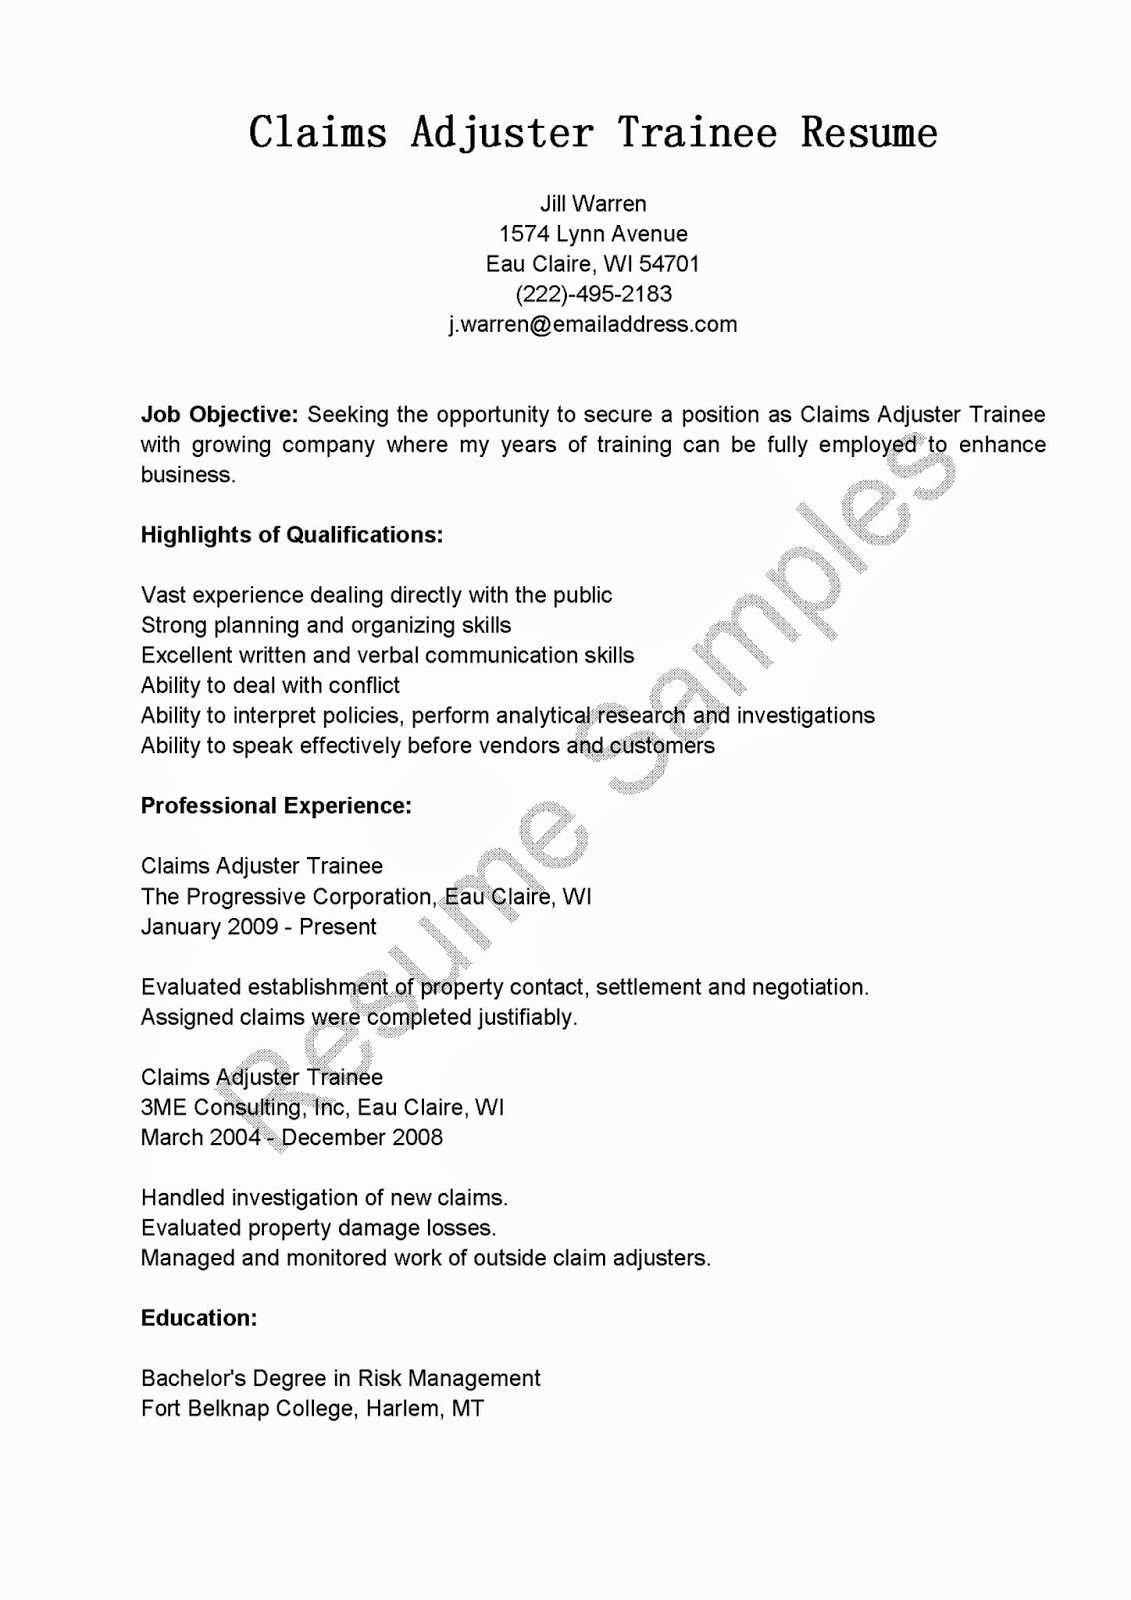 Claims Adjuster Resume Sample Luxury 21 Elegant Claims Adjuster Resume Hs U – Resume Samples